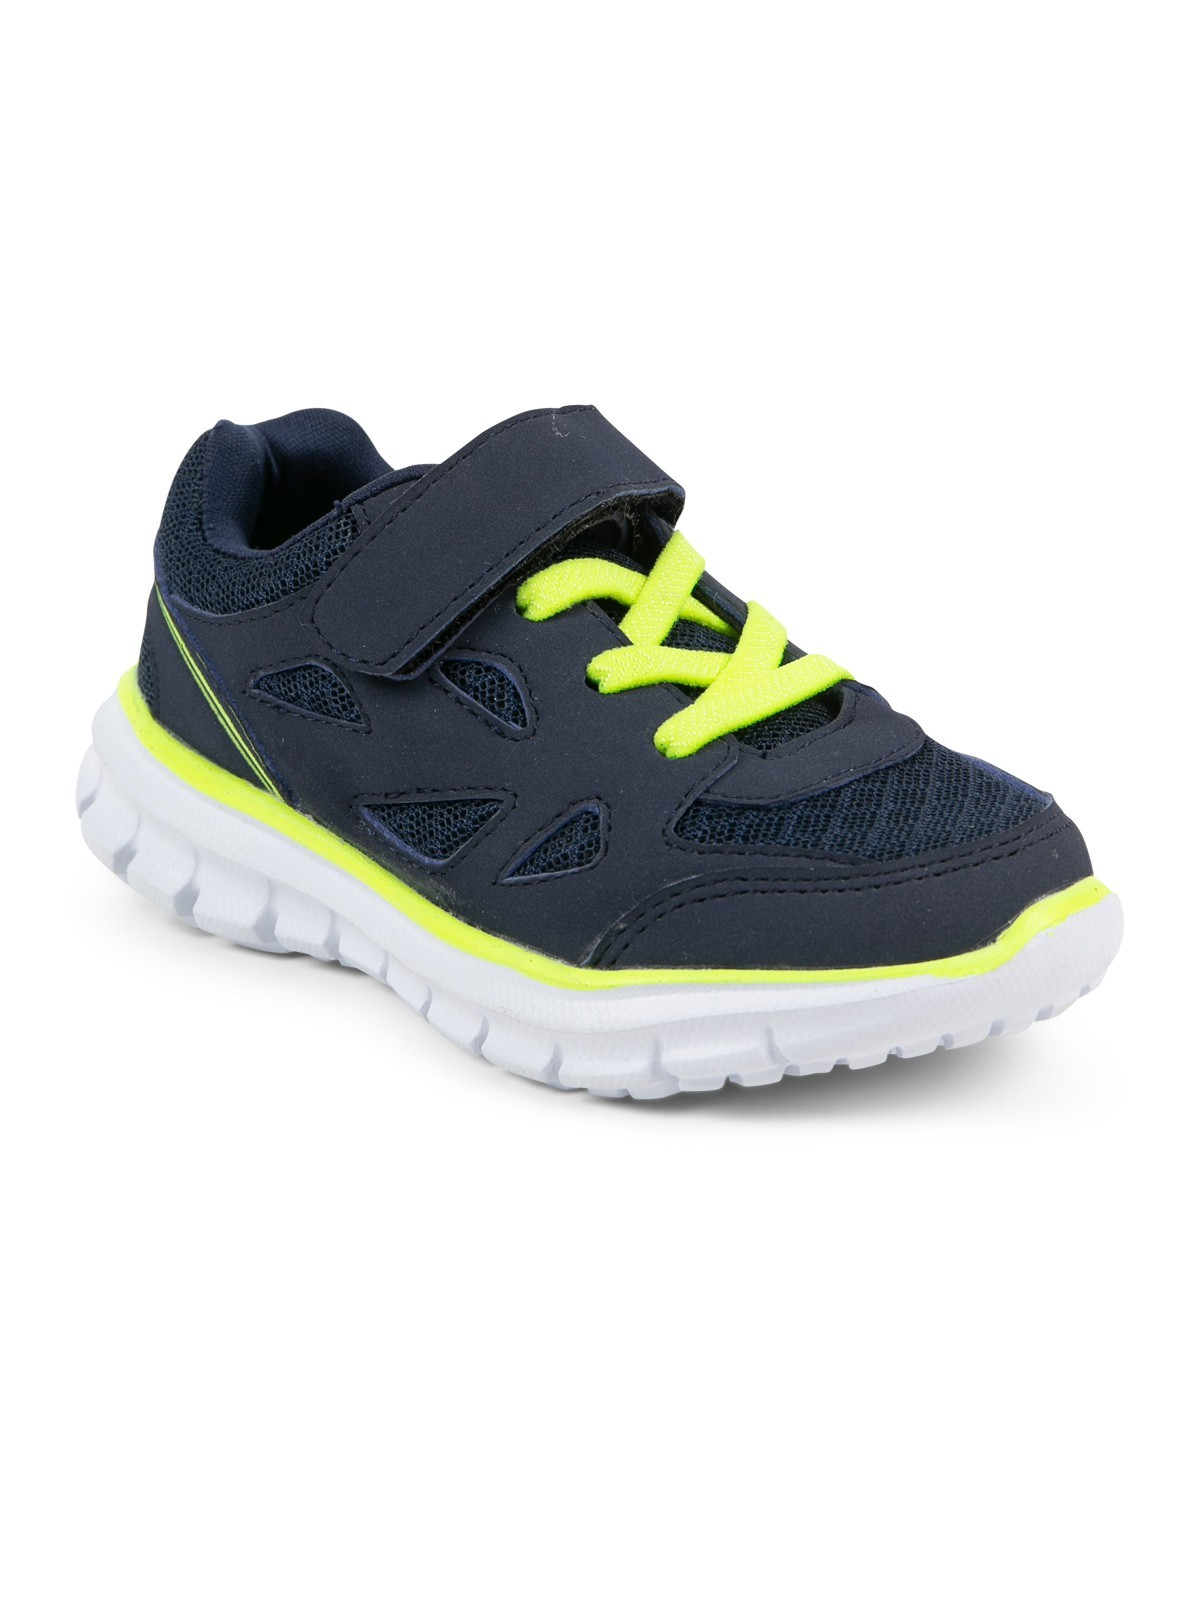 Chaussure sport garçon (24 30) DistriCenter